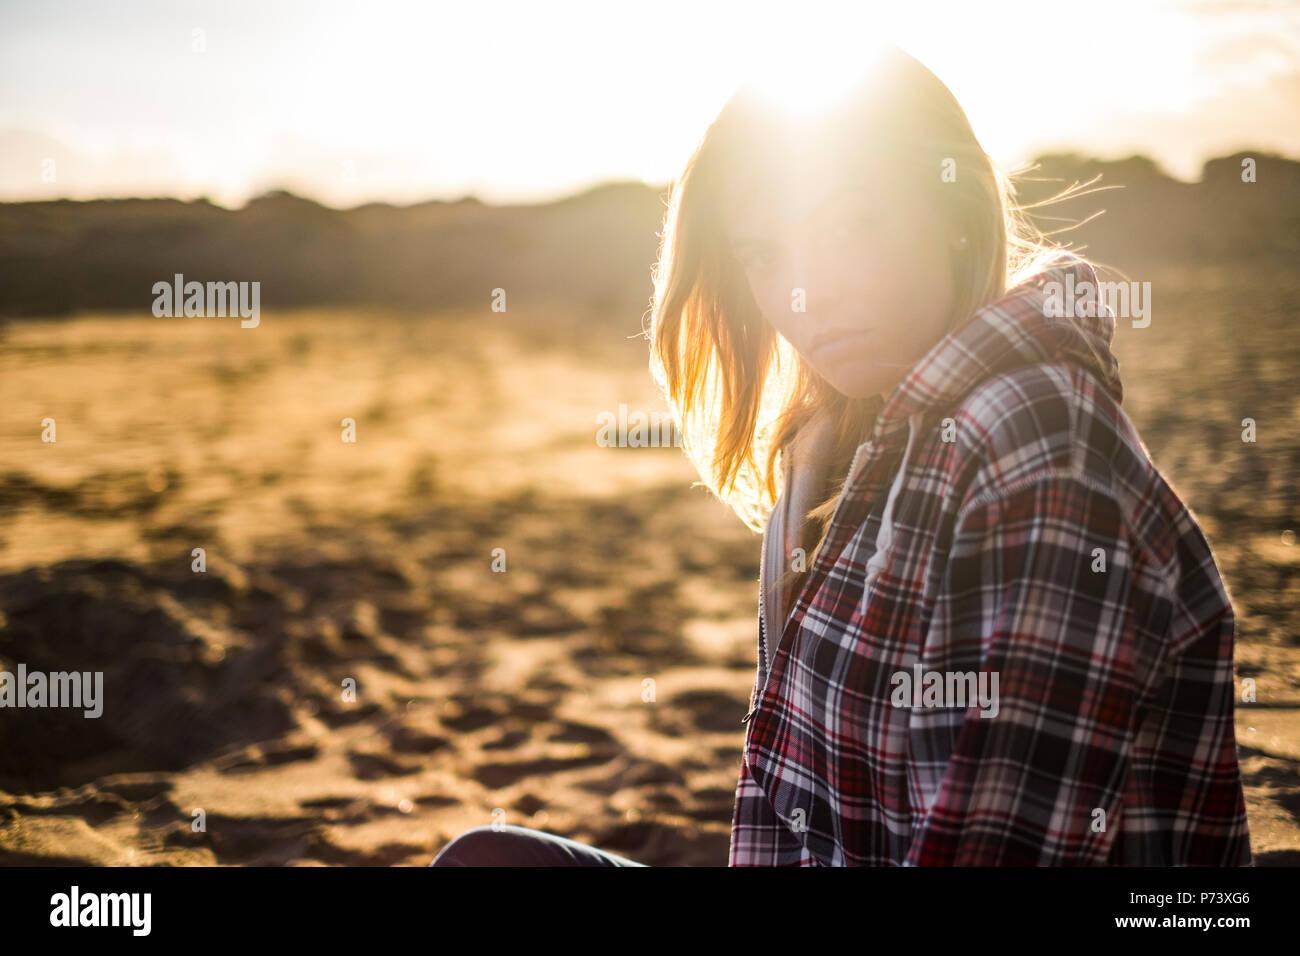 Gran hermosa luz dorada en un atardecer con gente atractiva rubia molde sentado en la playa. Vacaciones y viajes wanderlust para buscar chica activa Imagen De Stock